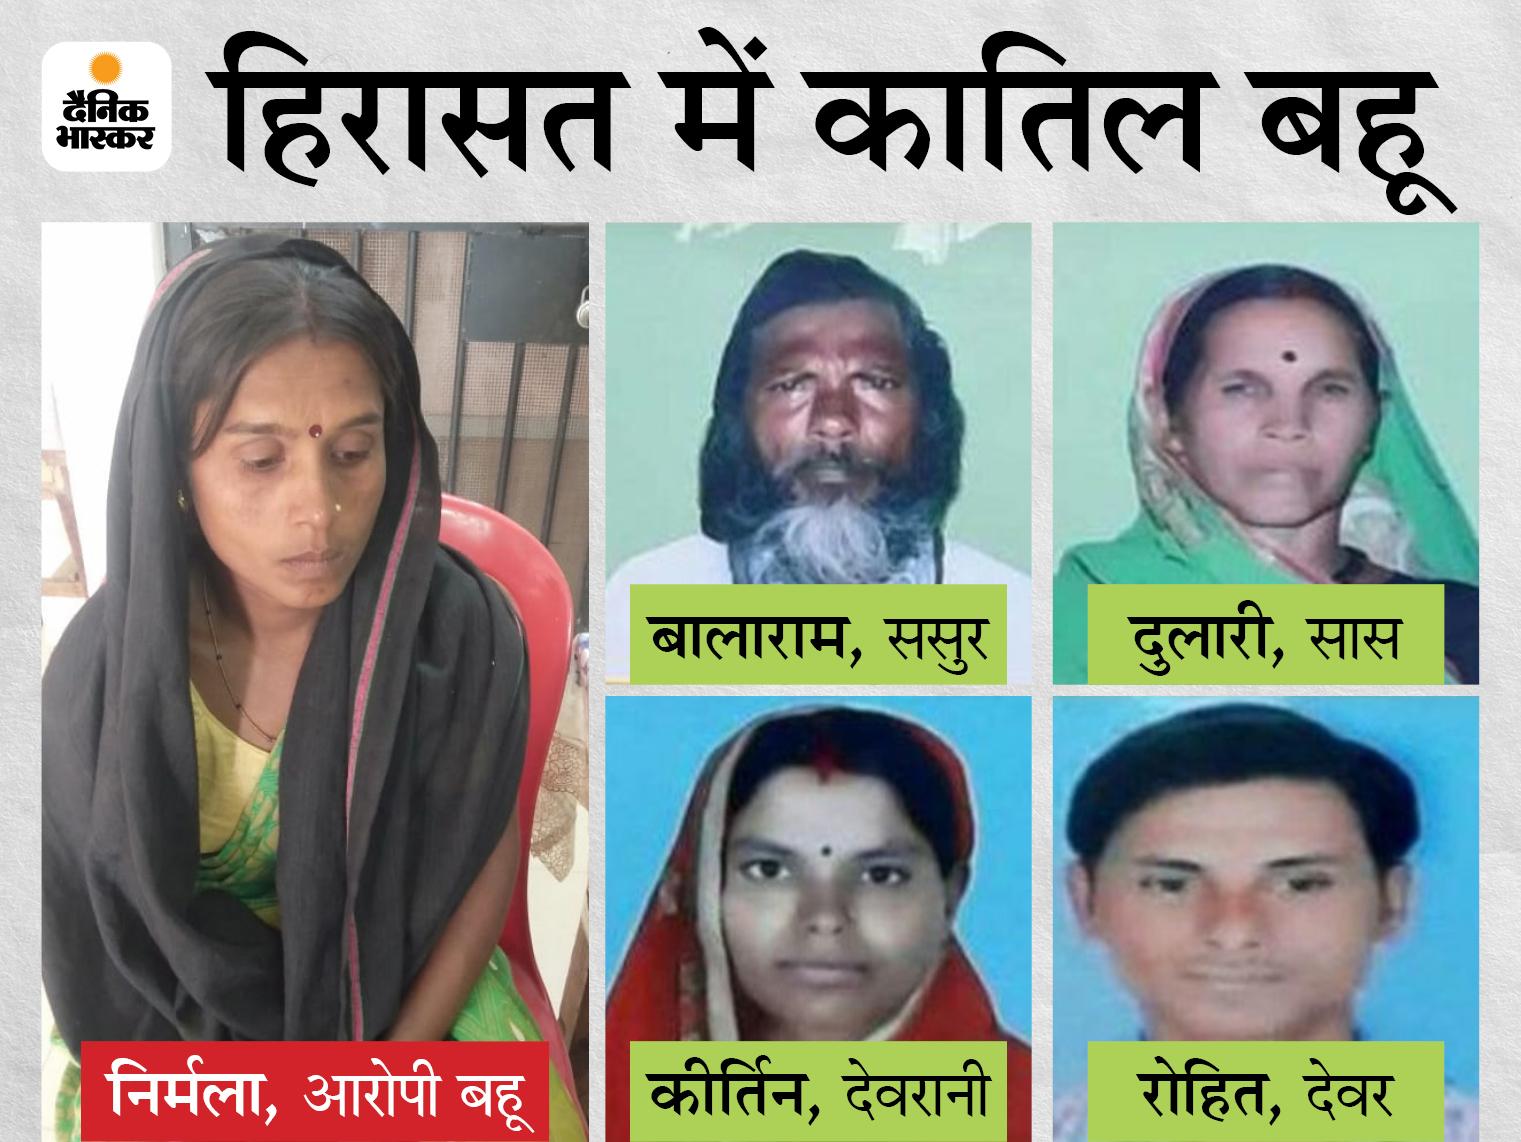 ब्रेन मैपिंग रिपोर्ट से 145 दिन बाद हुई गिरफ्तार, सास को अवैध संबंध का पता चला तो पति और प्रेमी के साथ मिलकर करा दी 4 लोगों की हत्या|भिलाई,Bhilai - Dainik Bhaskar